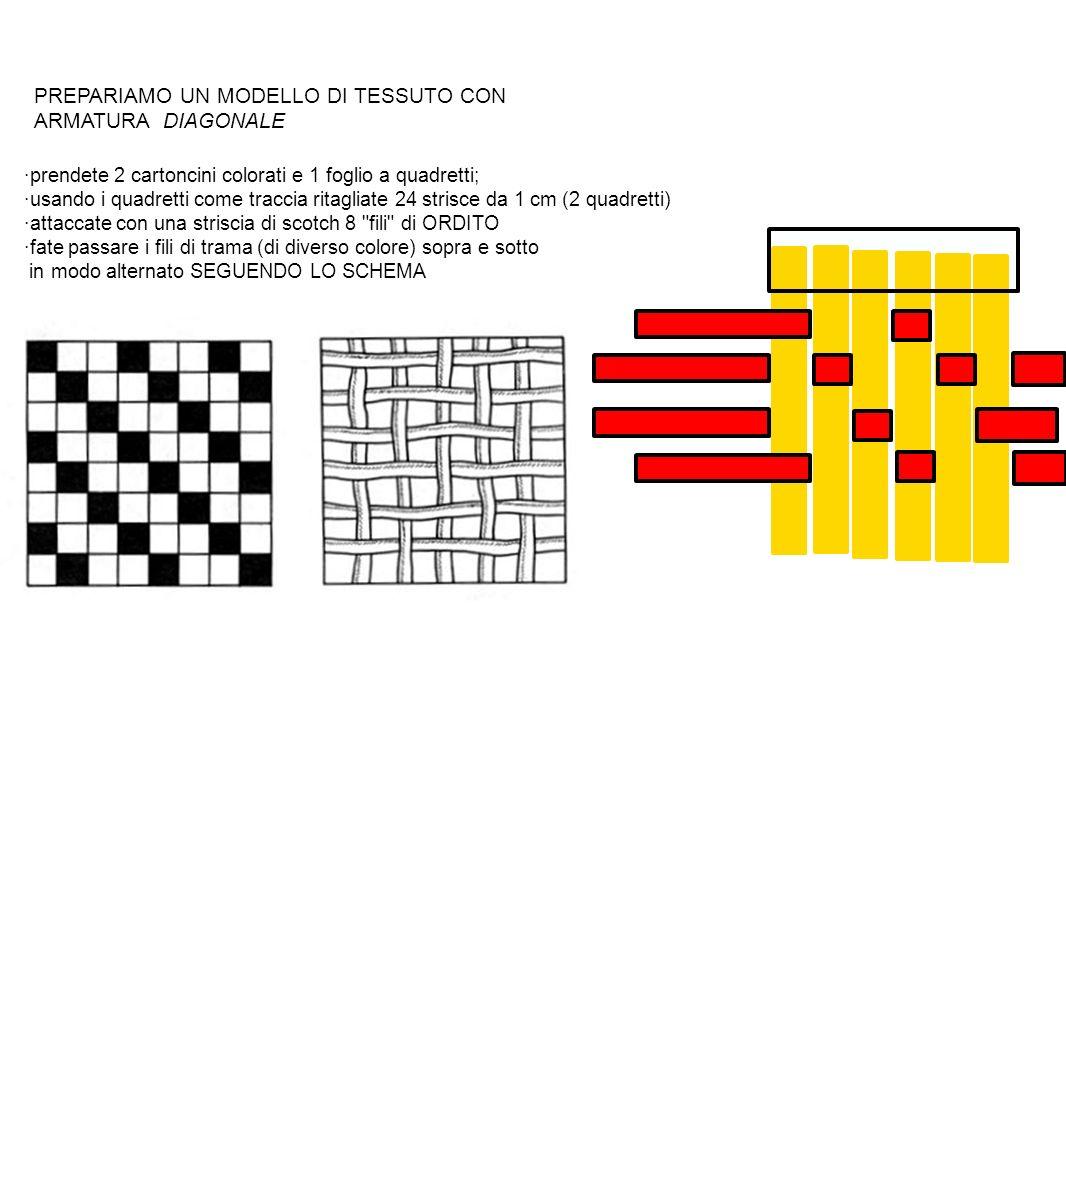 PREPARIAMO UN MODELLO DI TESSUTO CON ARMATURA DIAGONALE ·prendete 2 cartoncini colorati e 1 foglio a quadretti; ·usando i quadretti come traccia ritag